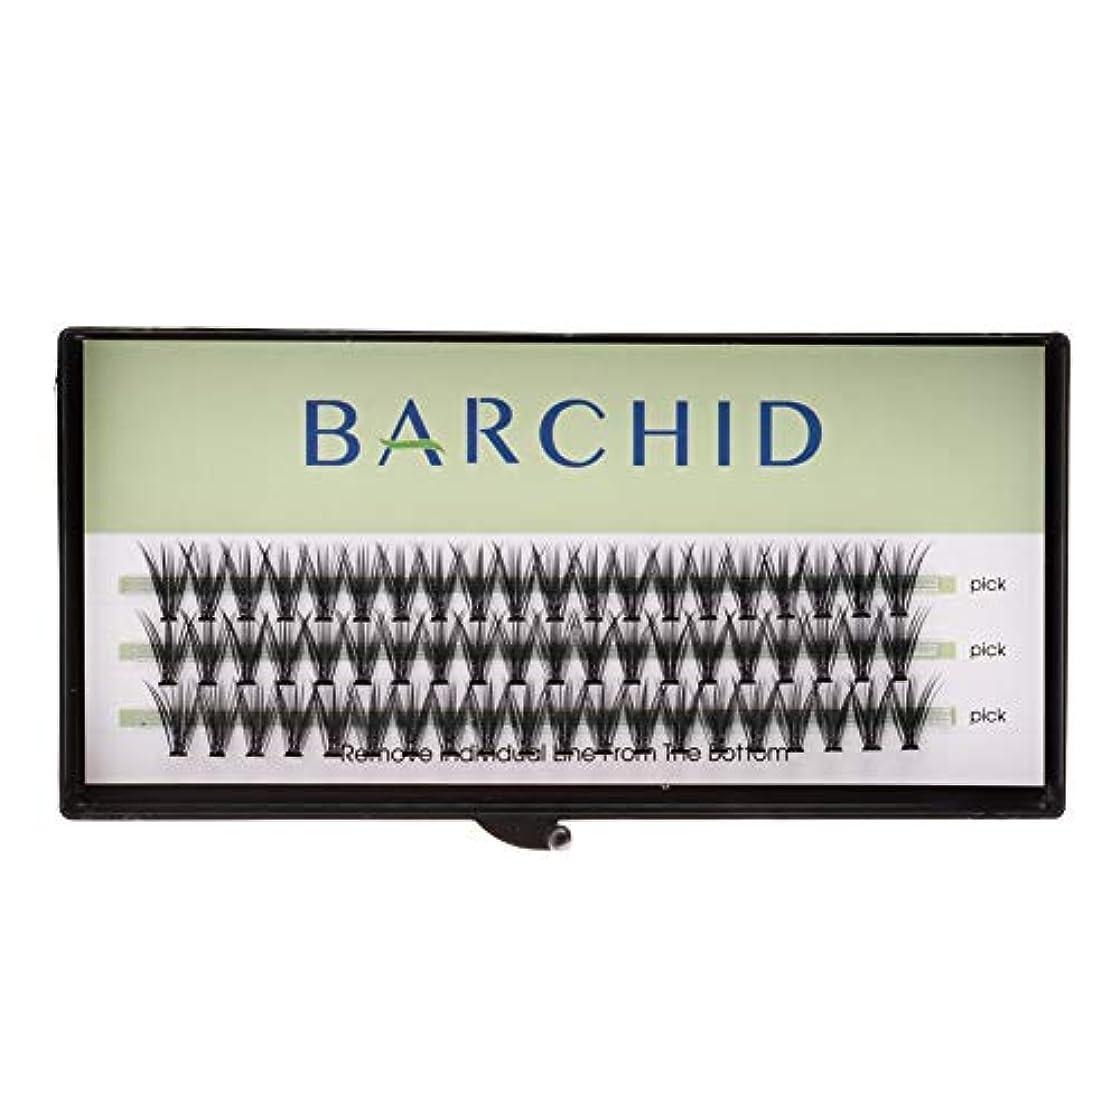 コーナー高齢者観察するBARCHID 高品質超極細まつげエクステ太さ0.07mm 20本束10mm Cカール フレア セルフ用 素材 マツエク